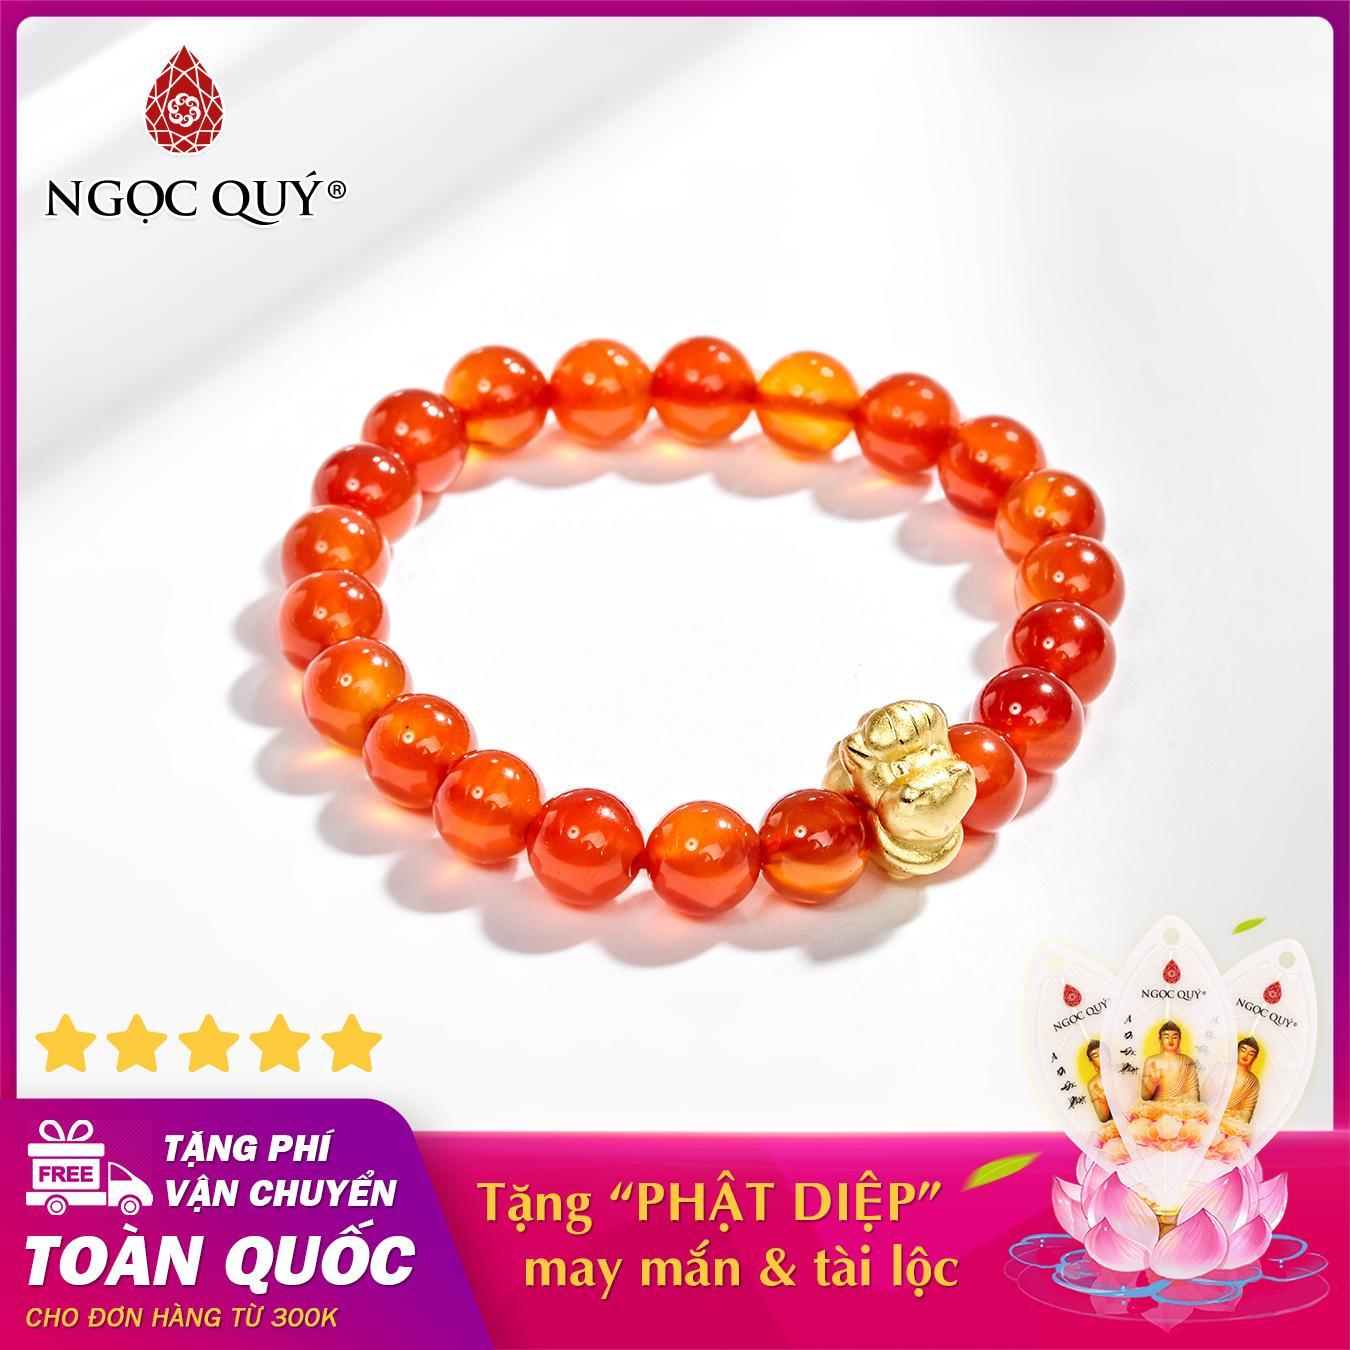 Vòng tay phong thủy đá mã não đỏ charm tuổi ngọ bạc mạ vàng 24k 8mm mệnh hỏa , thổ - Ngọc Quý Gemstones